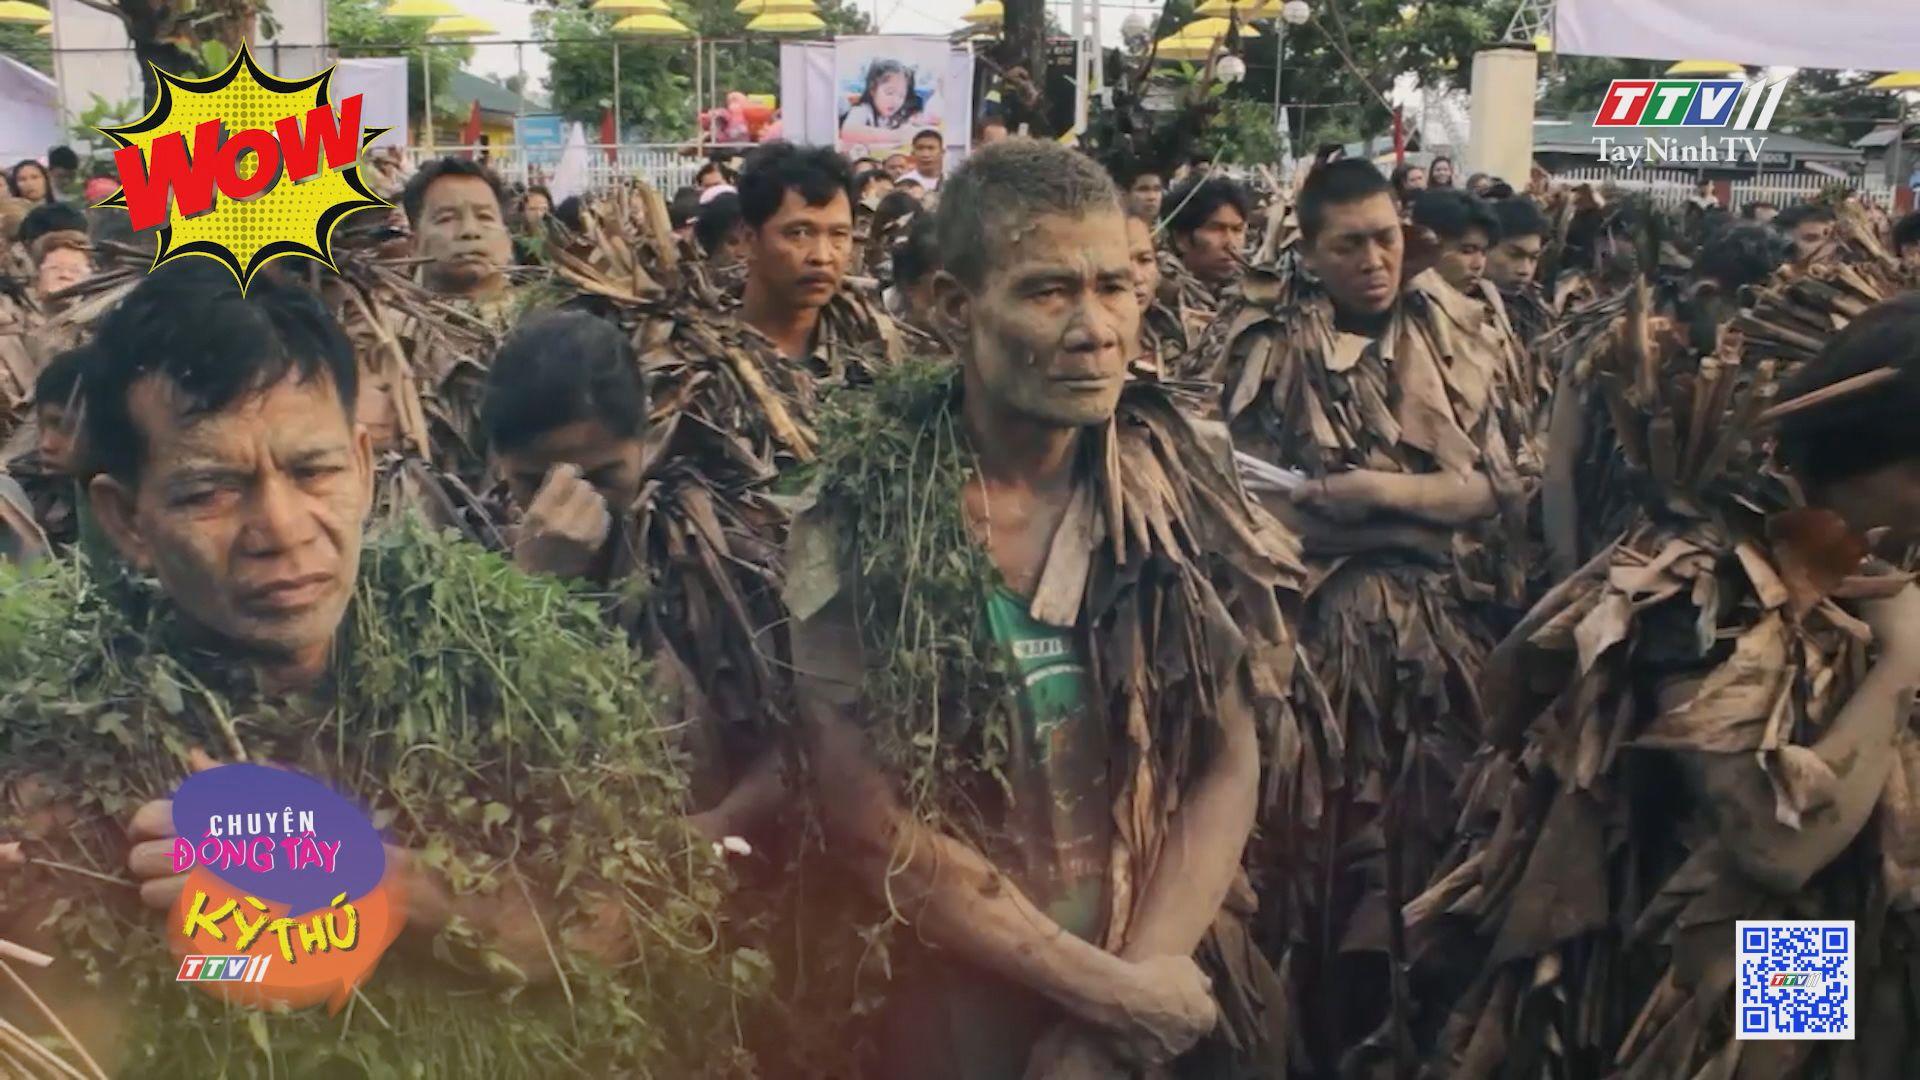 Độc đáo lễ hội người bùn ở Philippines | CHUYỆN ĐÔNG TÂY KỲ THÚ | TayNinhTVE